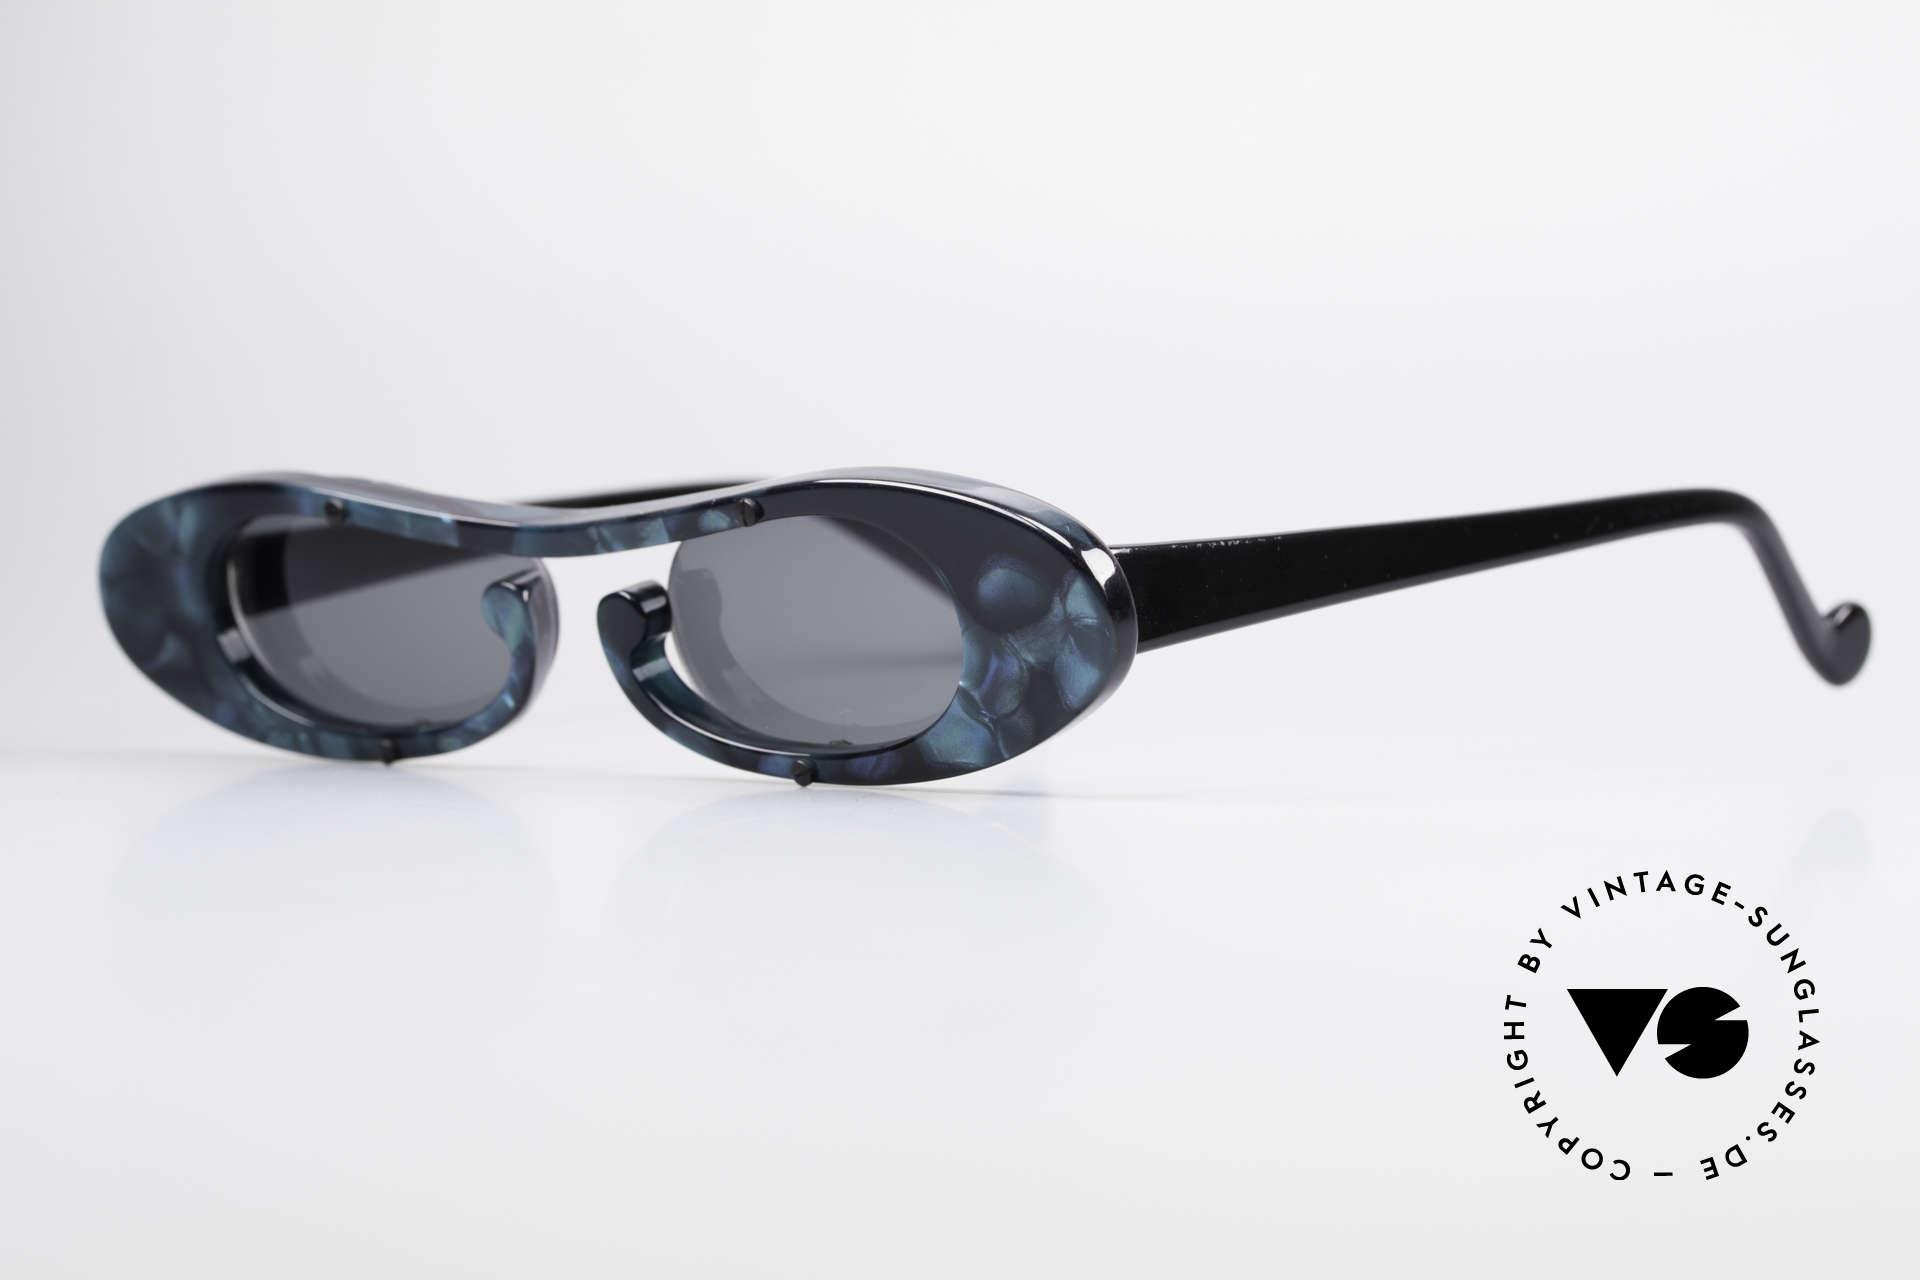 Theo Belgium Rage Avantgarde Sonnenbrille 90er, damals gemacht für die 'Avantgarde' und Individualisten, Passend für Damen